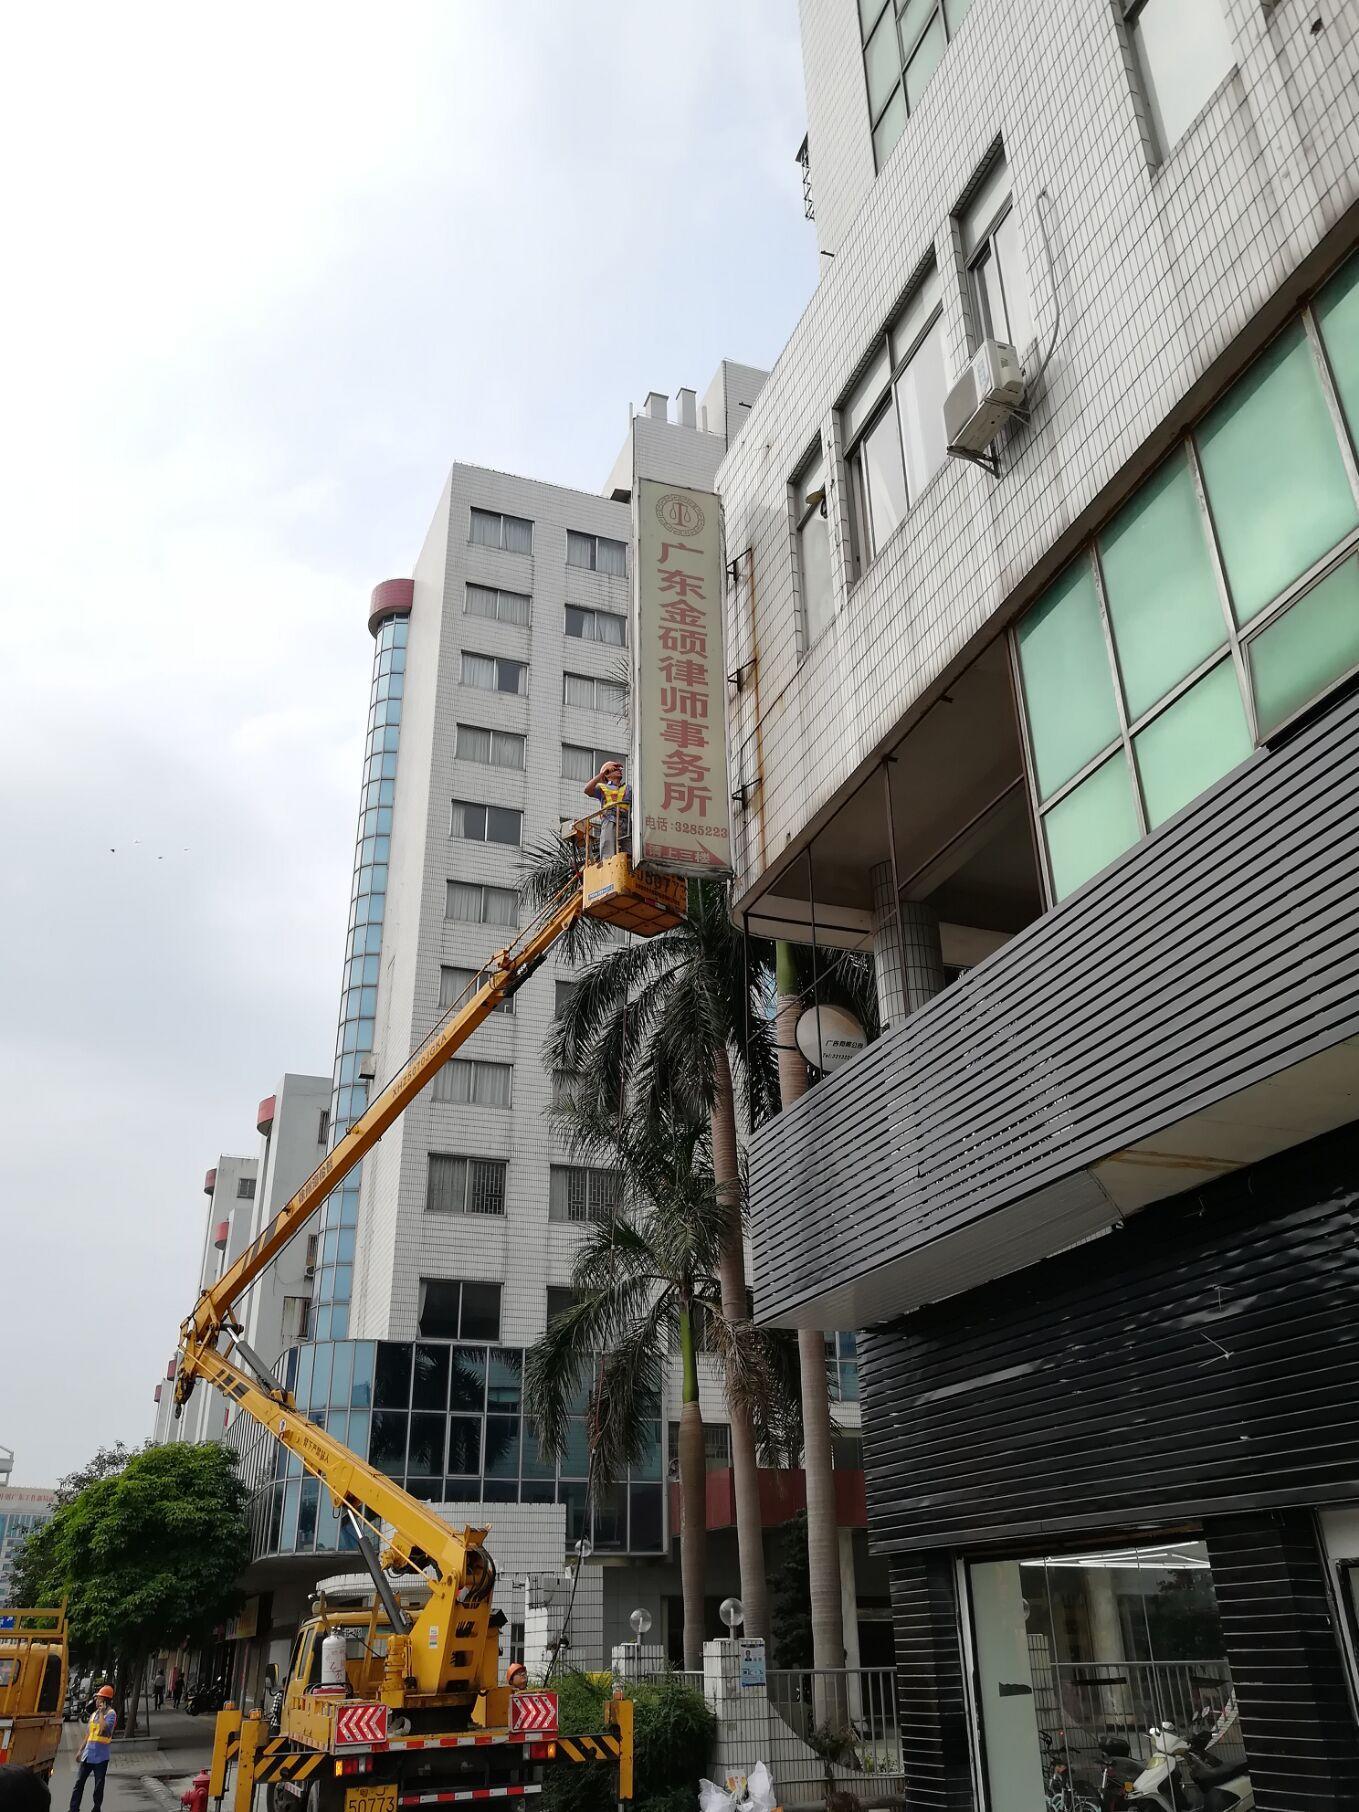 《提升城市品质 共建美丽侨都》蓬江区开展户外广告专项整治行动